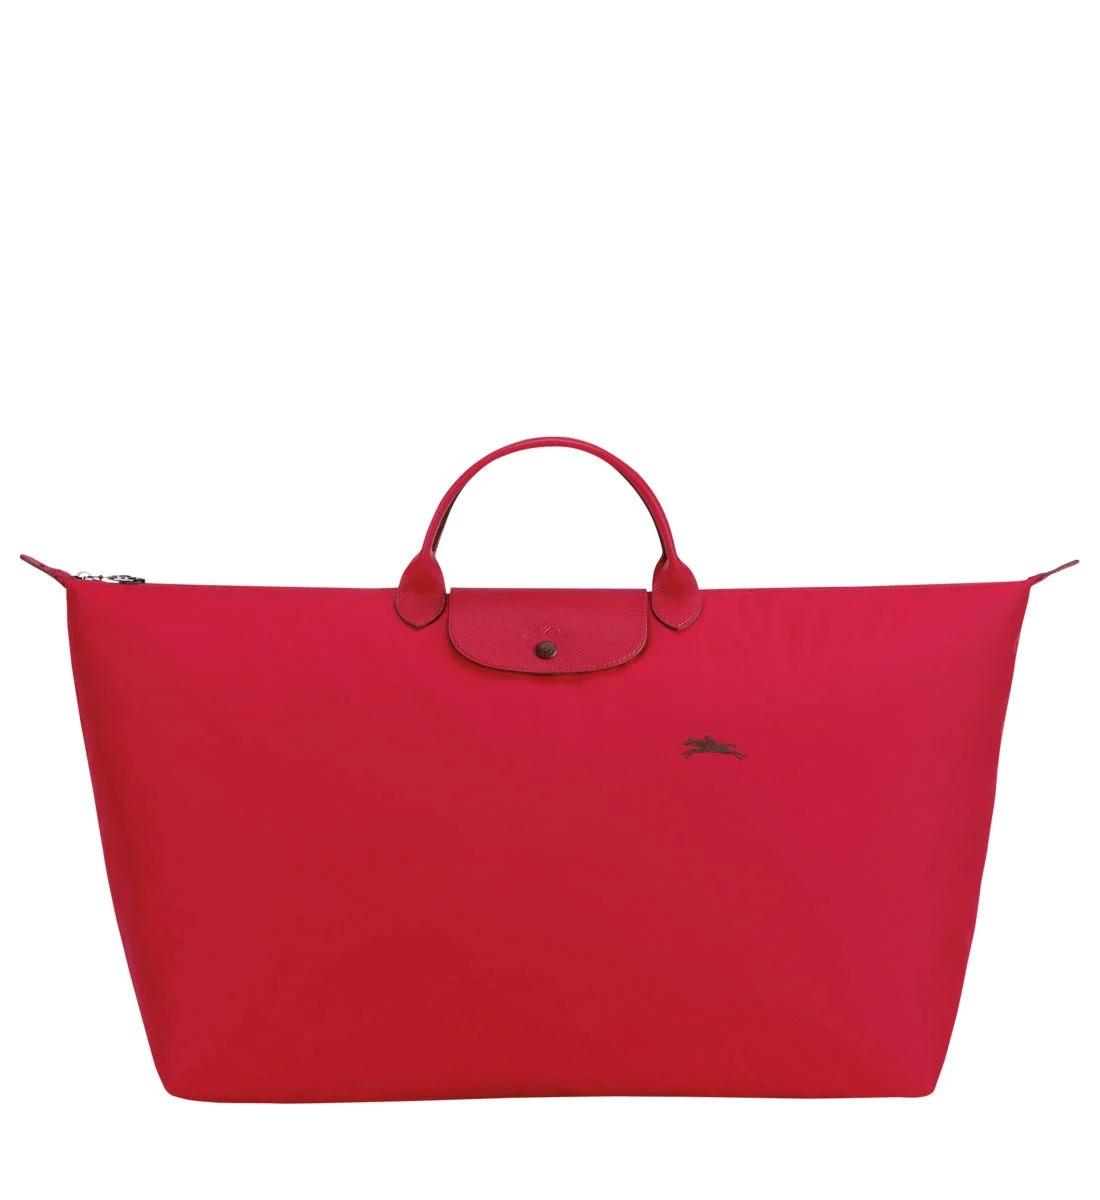 Sac de voyage XL Le Pliage Club en toile de nylon et détails en cuir, Longchamp, 100€ au lieu de 125€.